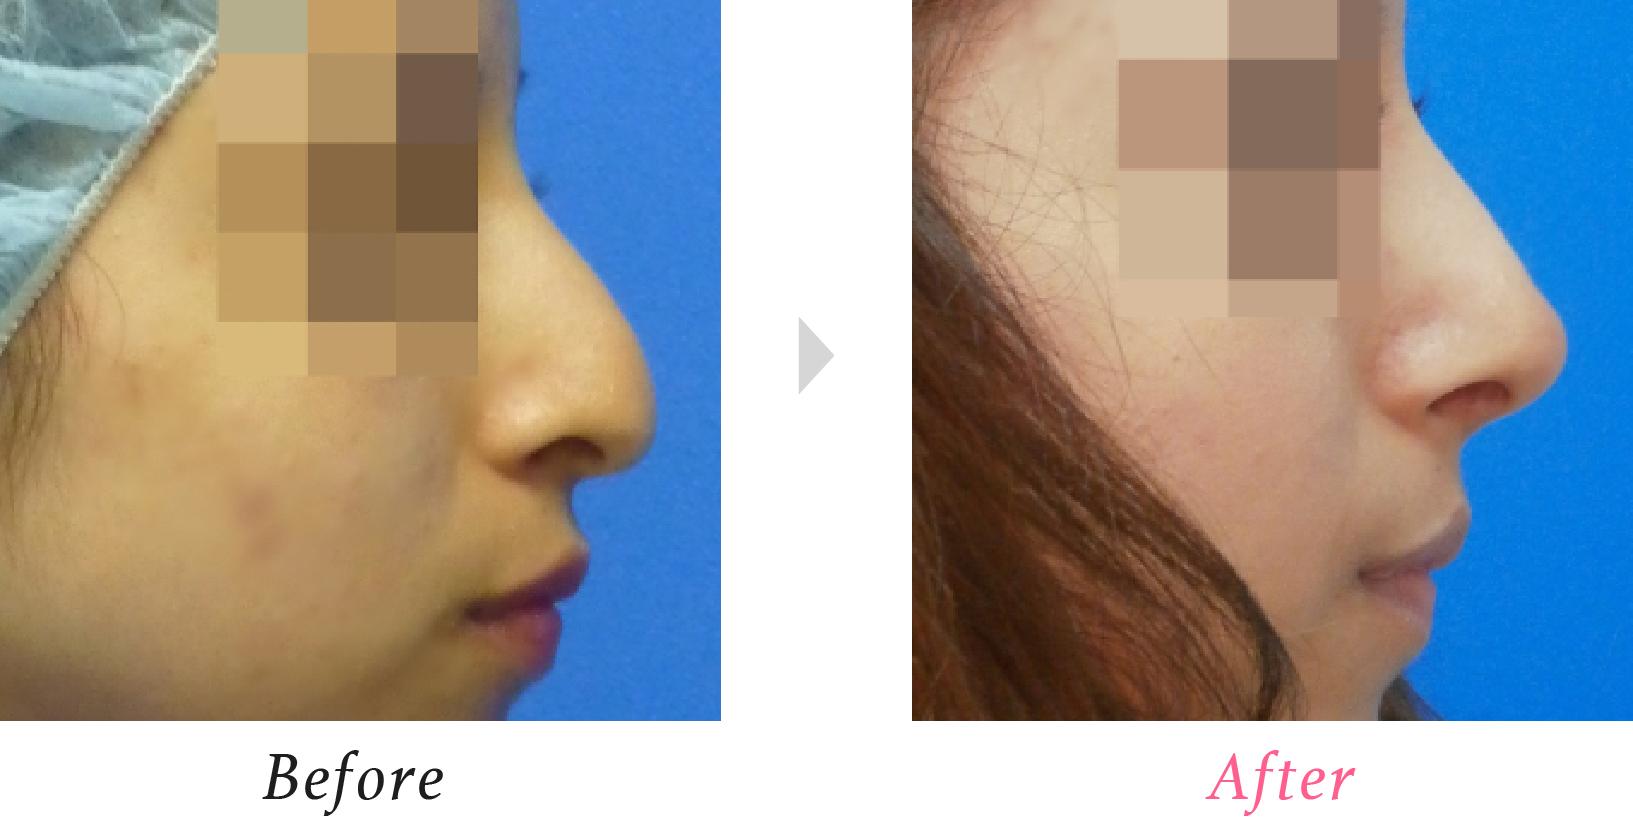 鼻尖挙上術+わし鼻形成術